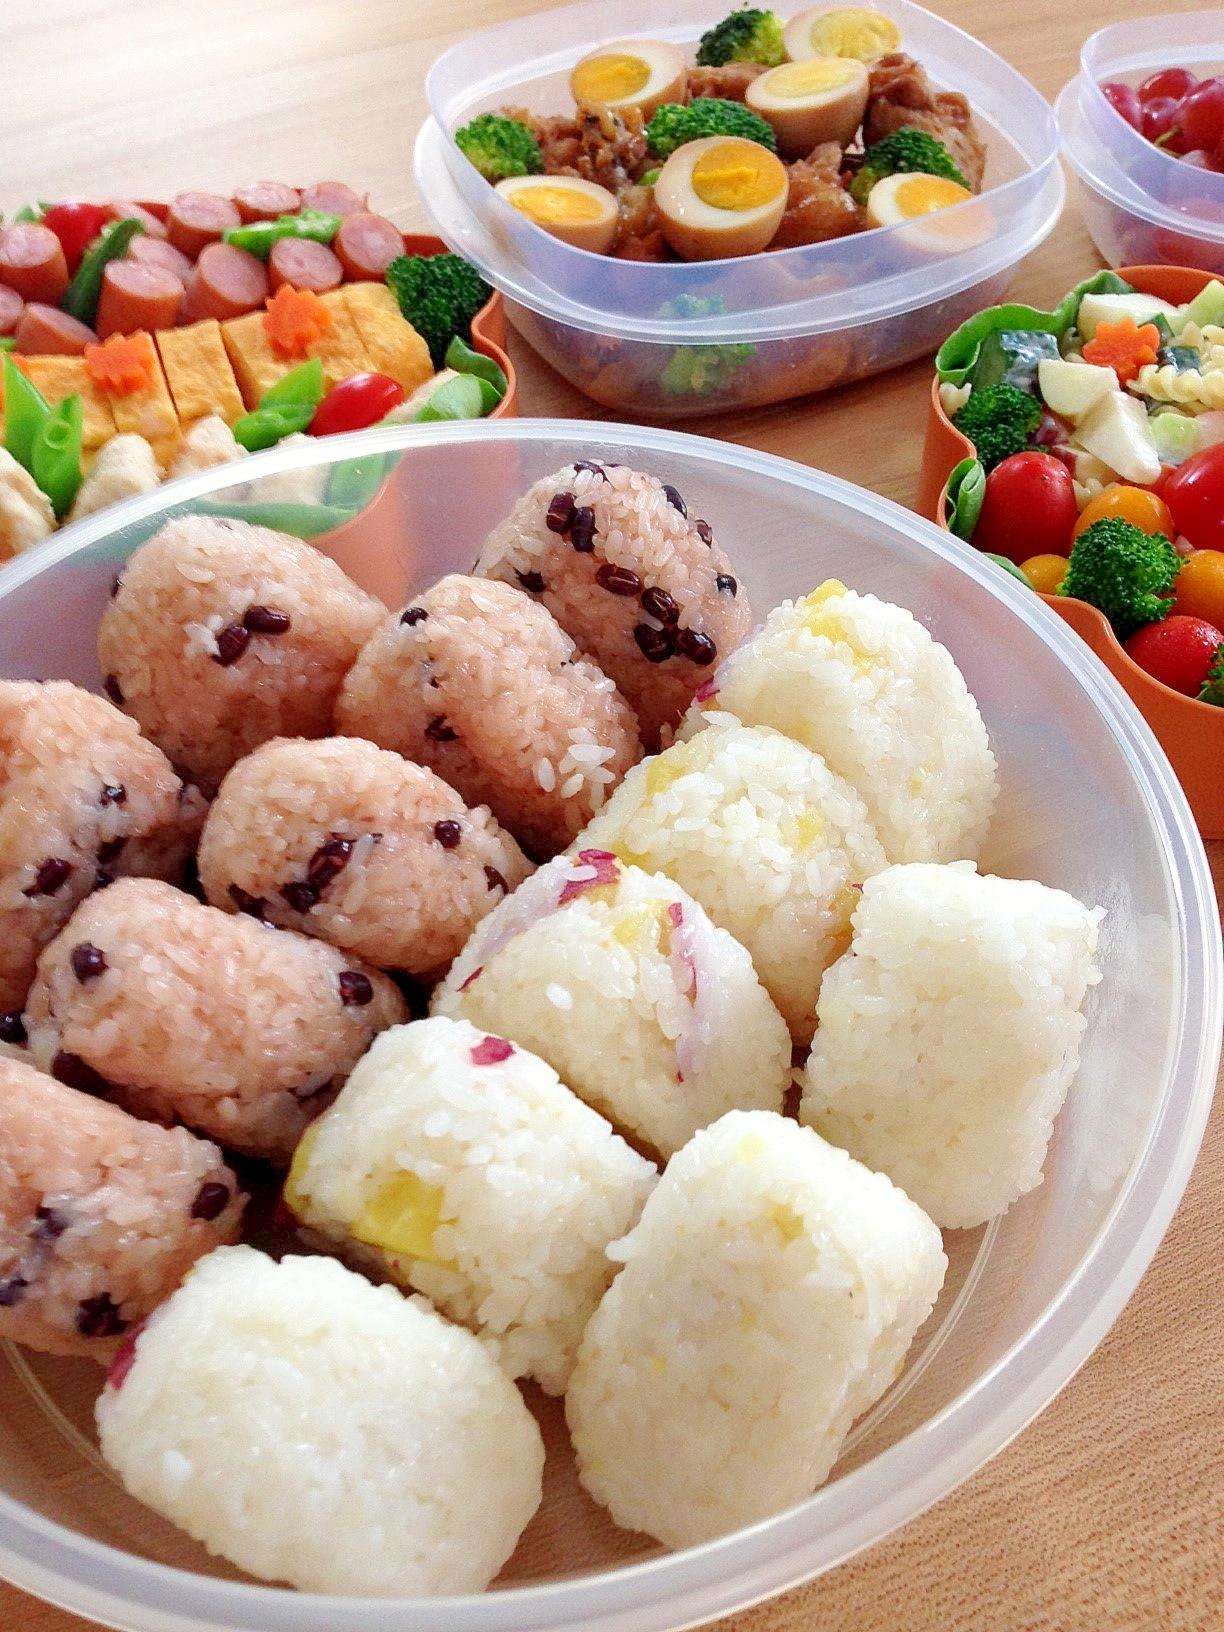 運動会のお弁当☆ほくほくサツマイモごはんのおにぎり